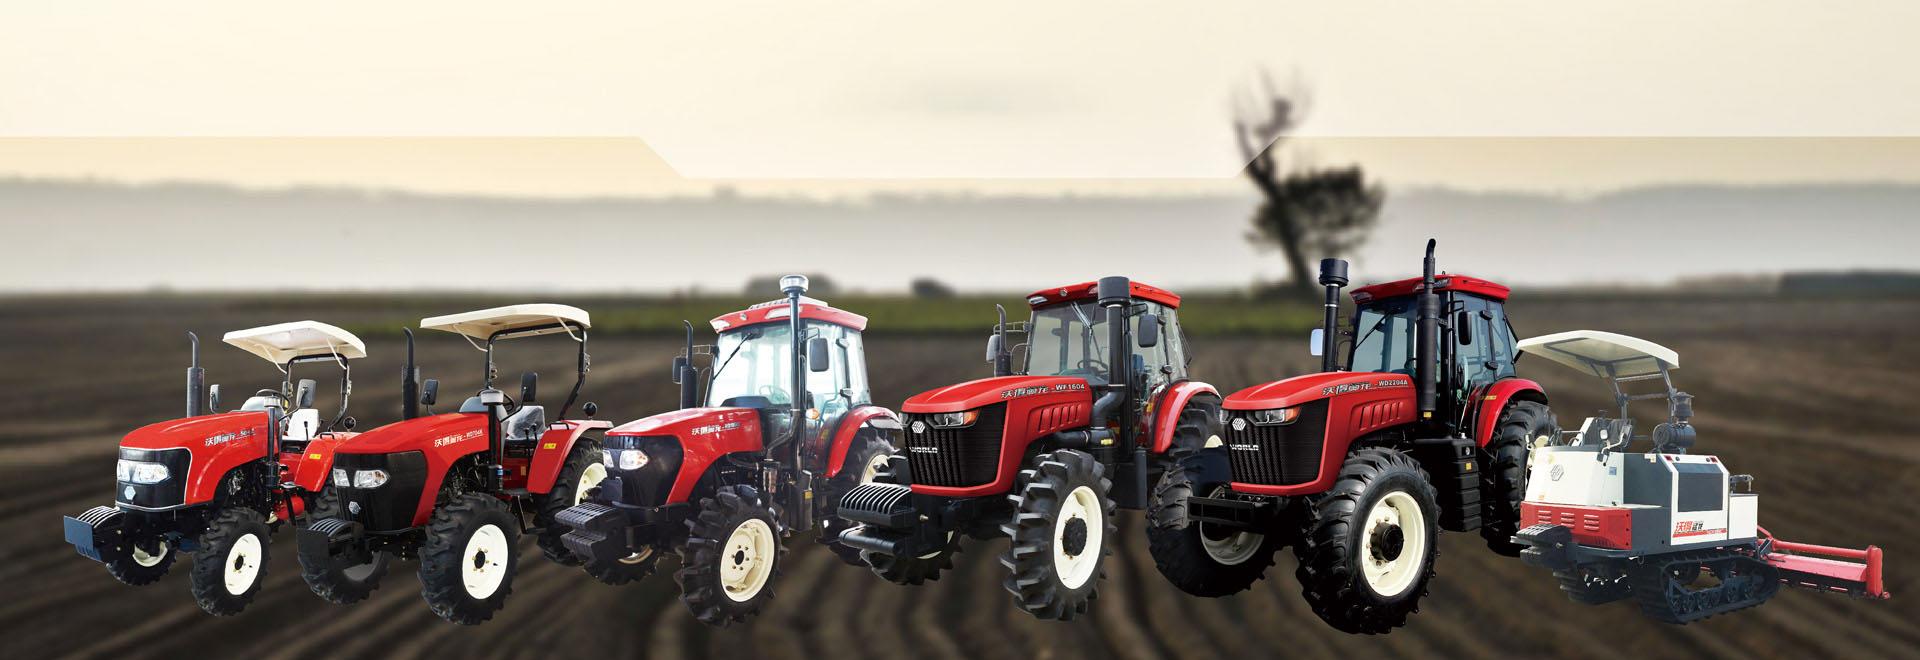 XXX农业机械有限责任公司